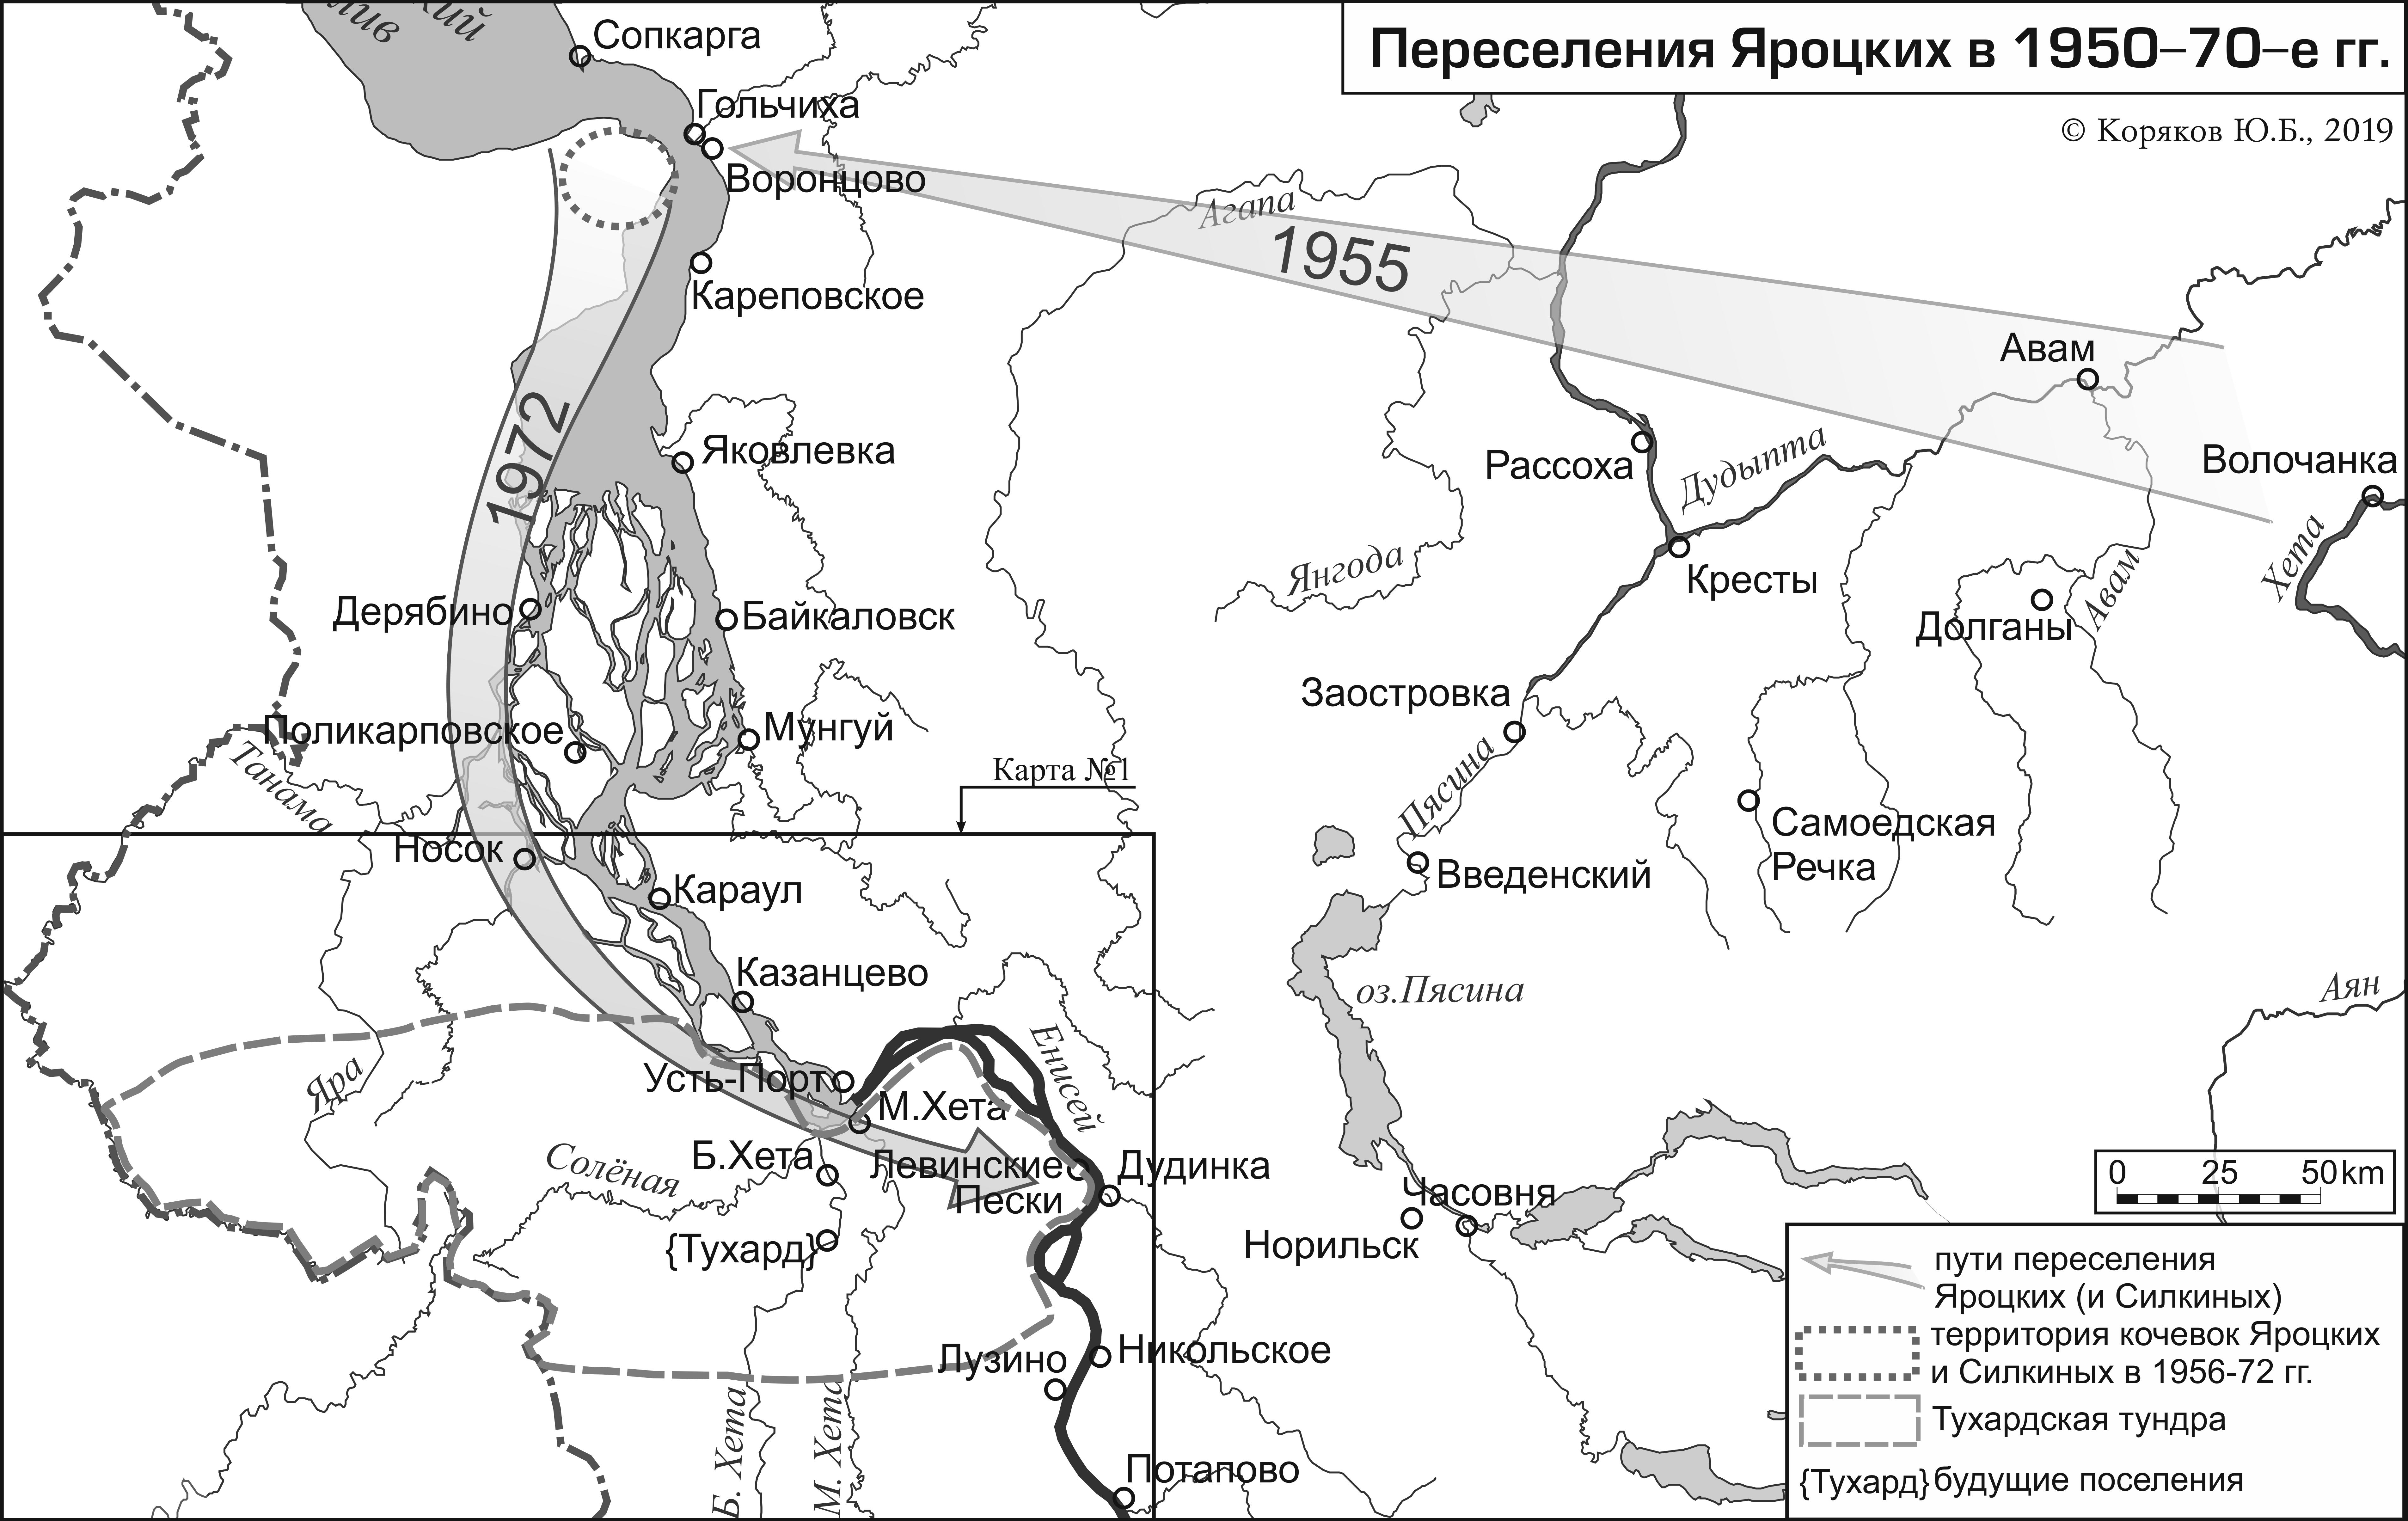 Переселения рода Яроцких в 1950¬–70-е гг.